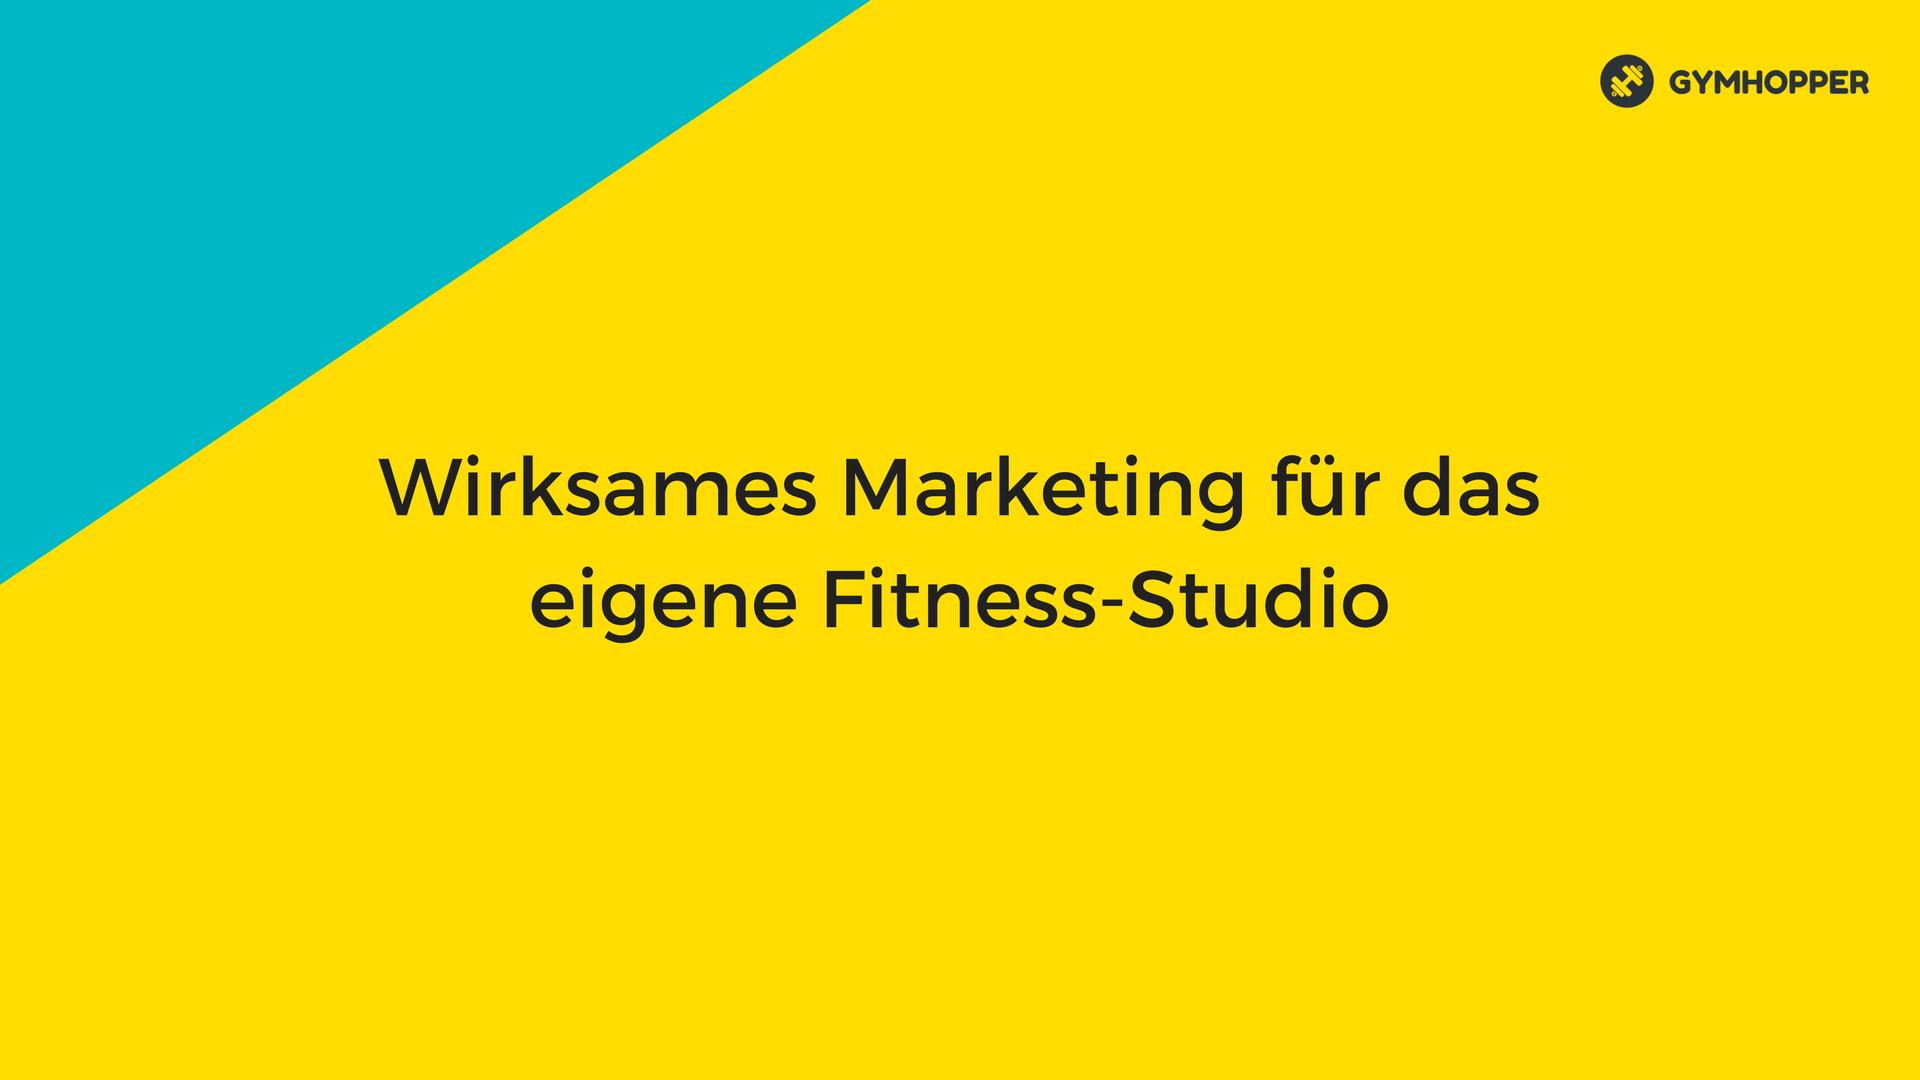 Wirksames Marketing für das eigene Fitness-Studio